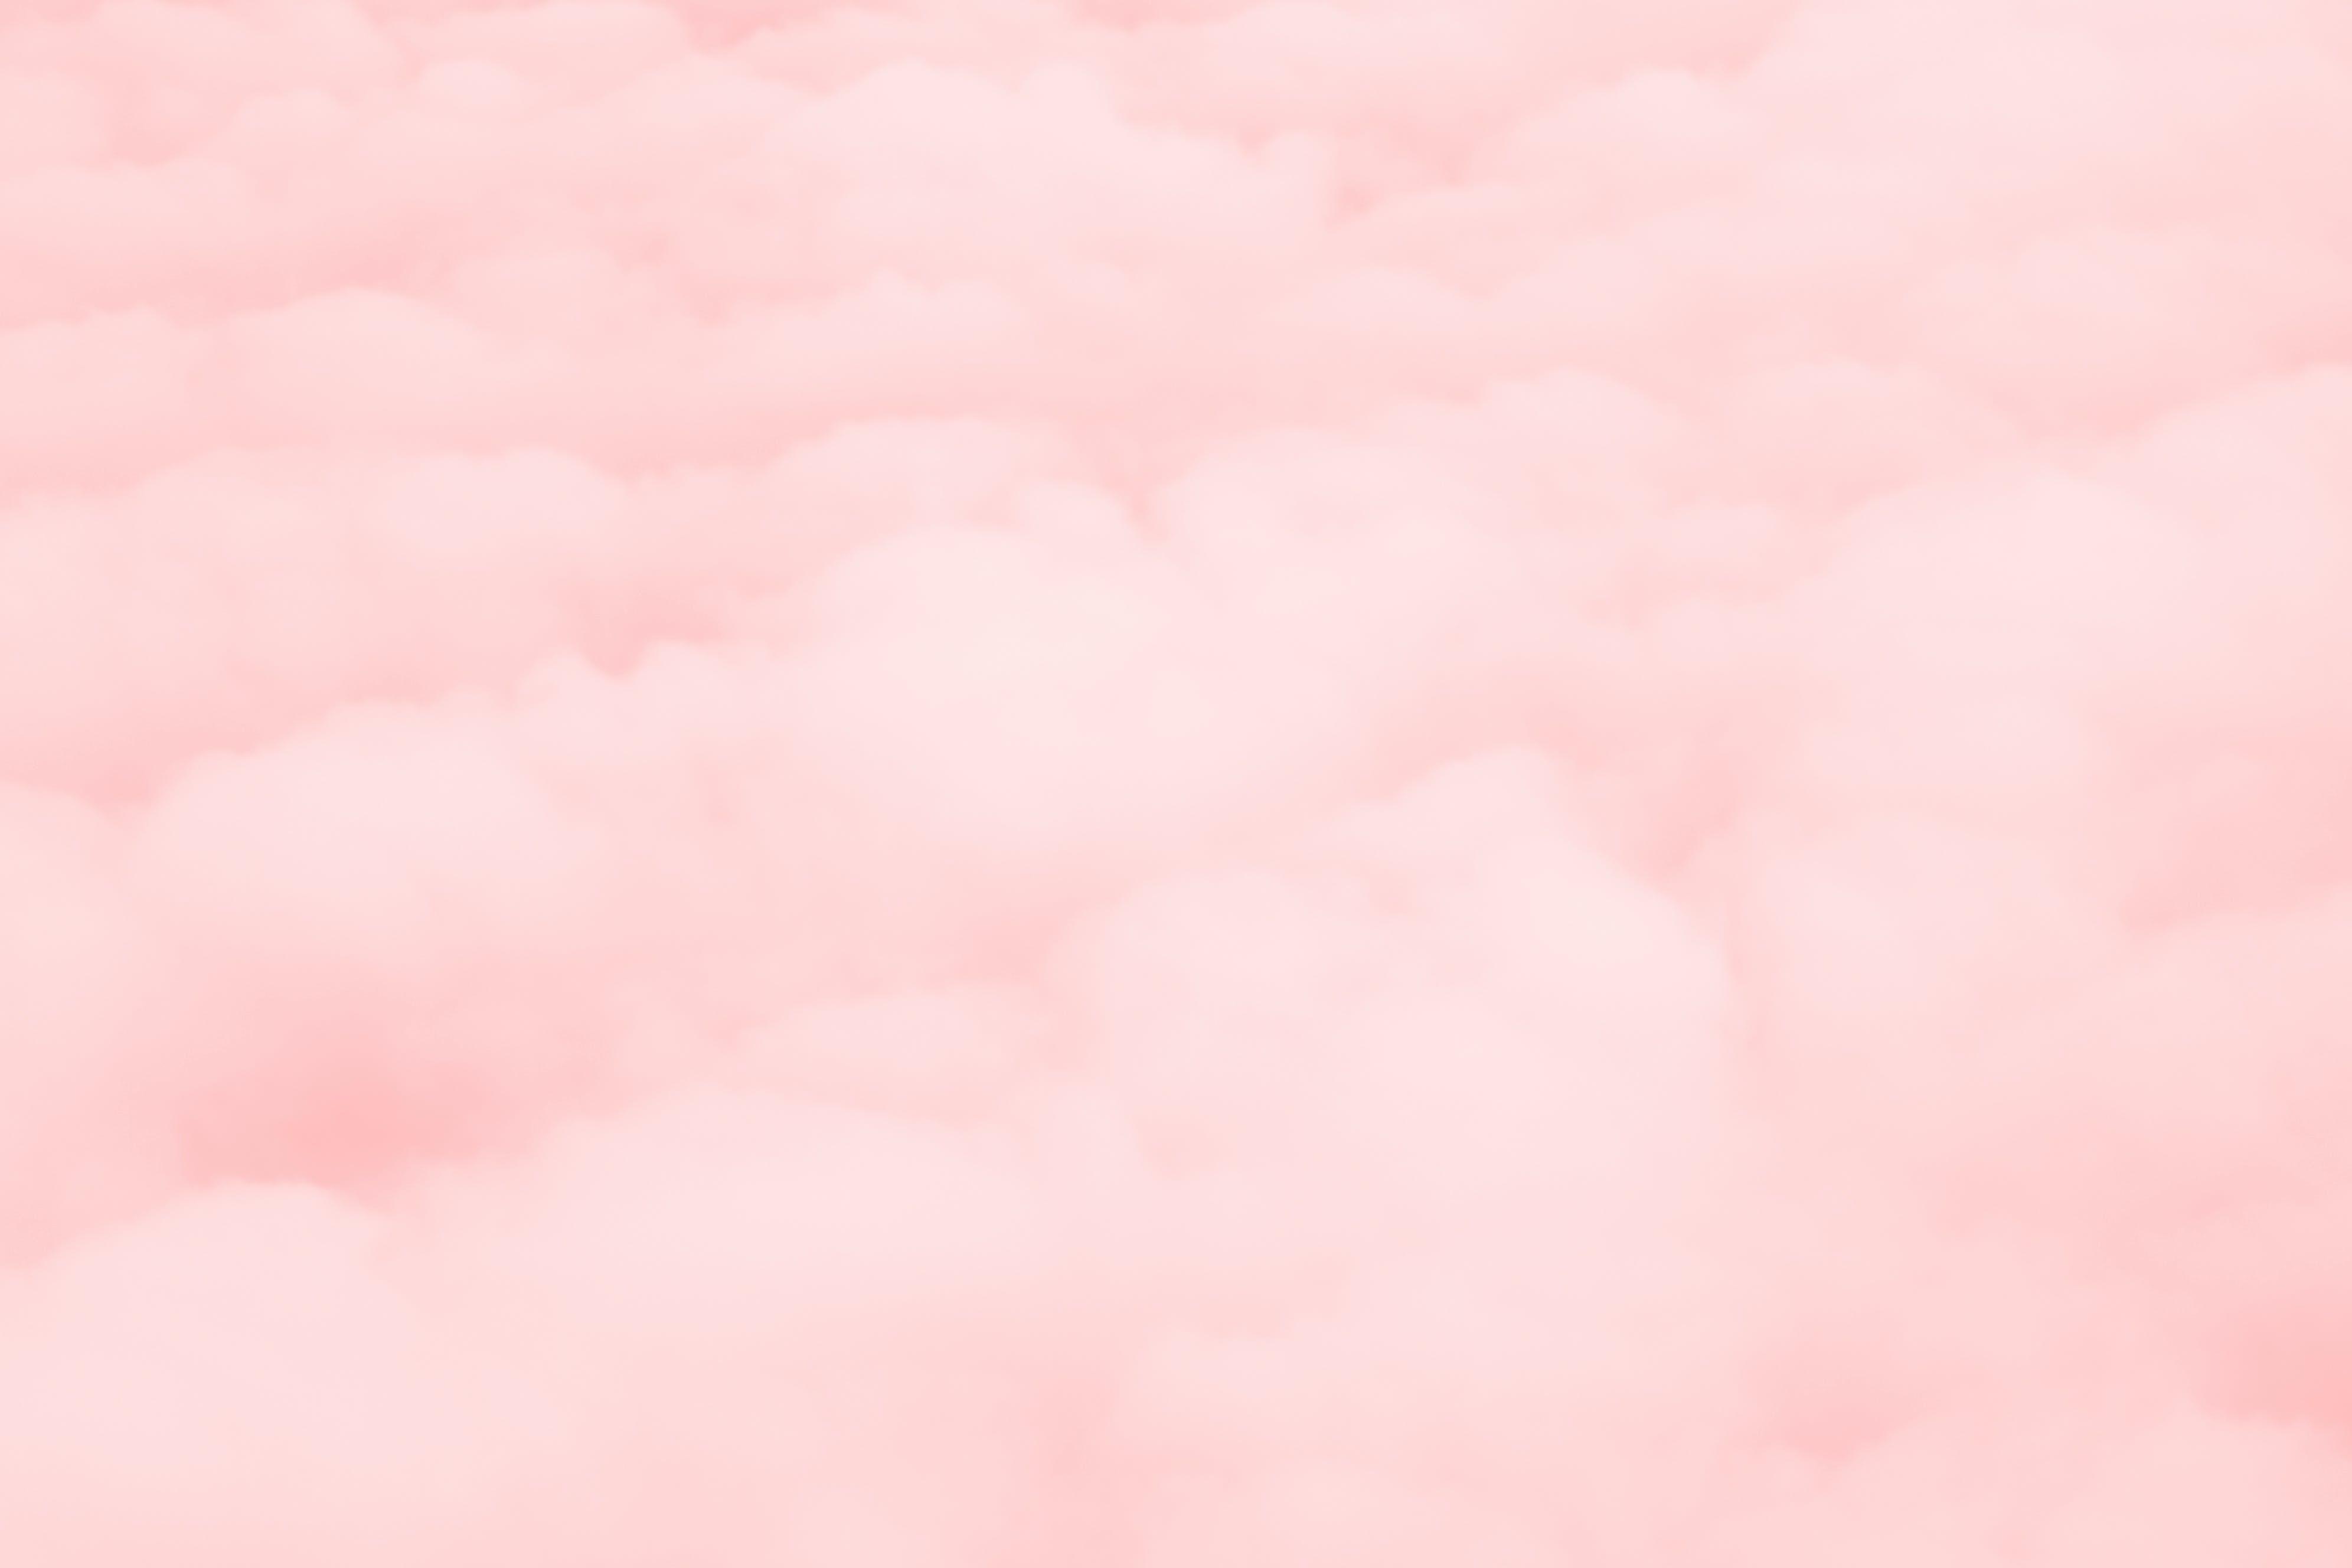 HD 바탕화면, 구름, 디자인, 매끄러운의 무료 스톡 사진